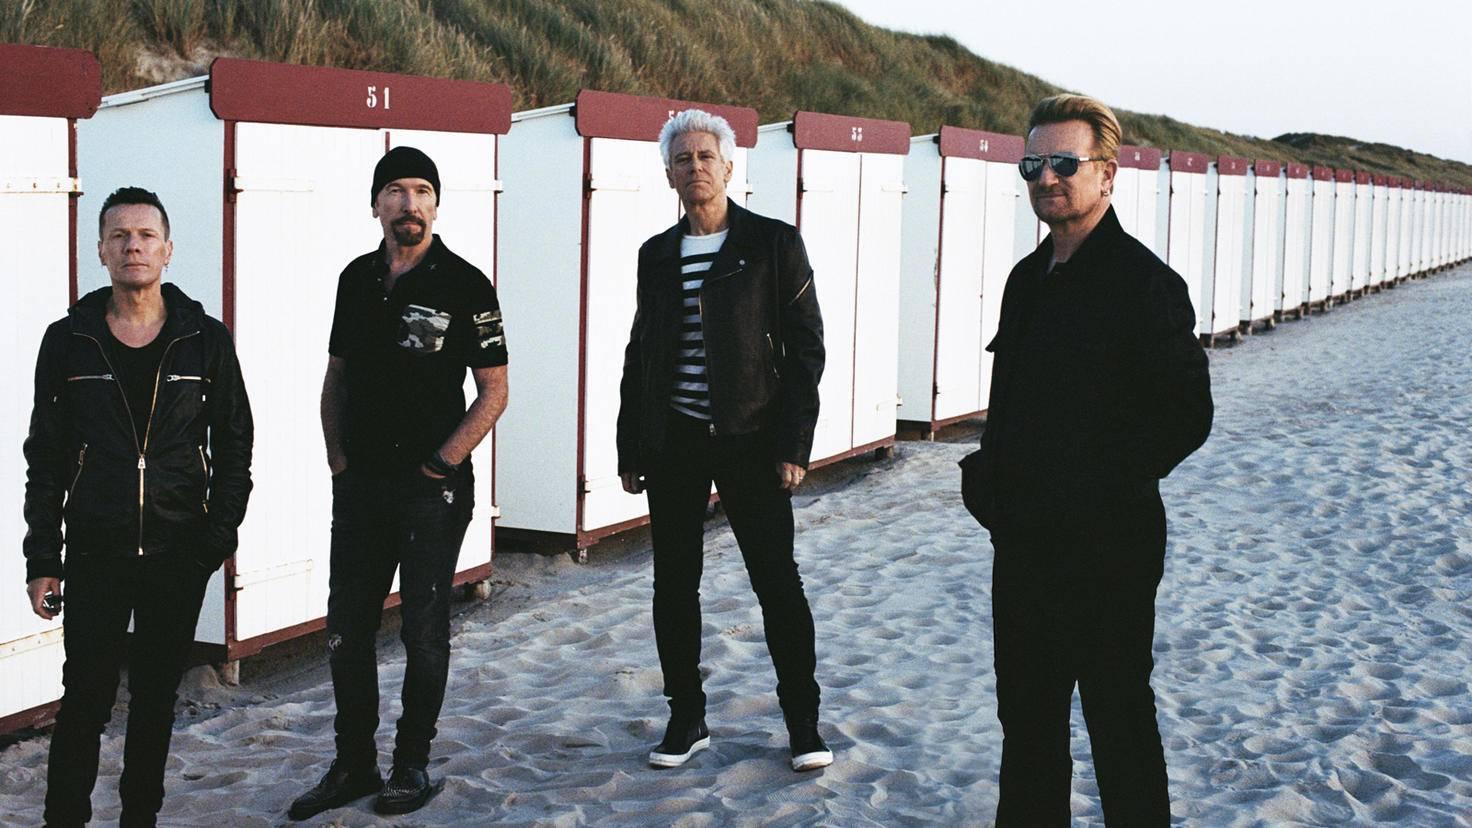 Schon seit 41 Jahren im Geschäft: die Band U2.